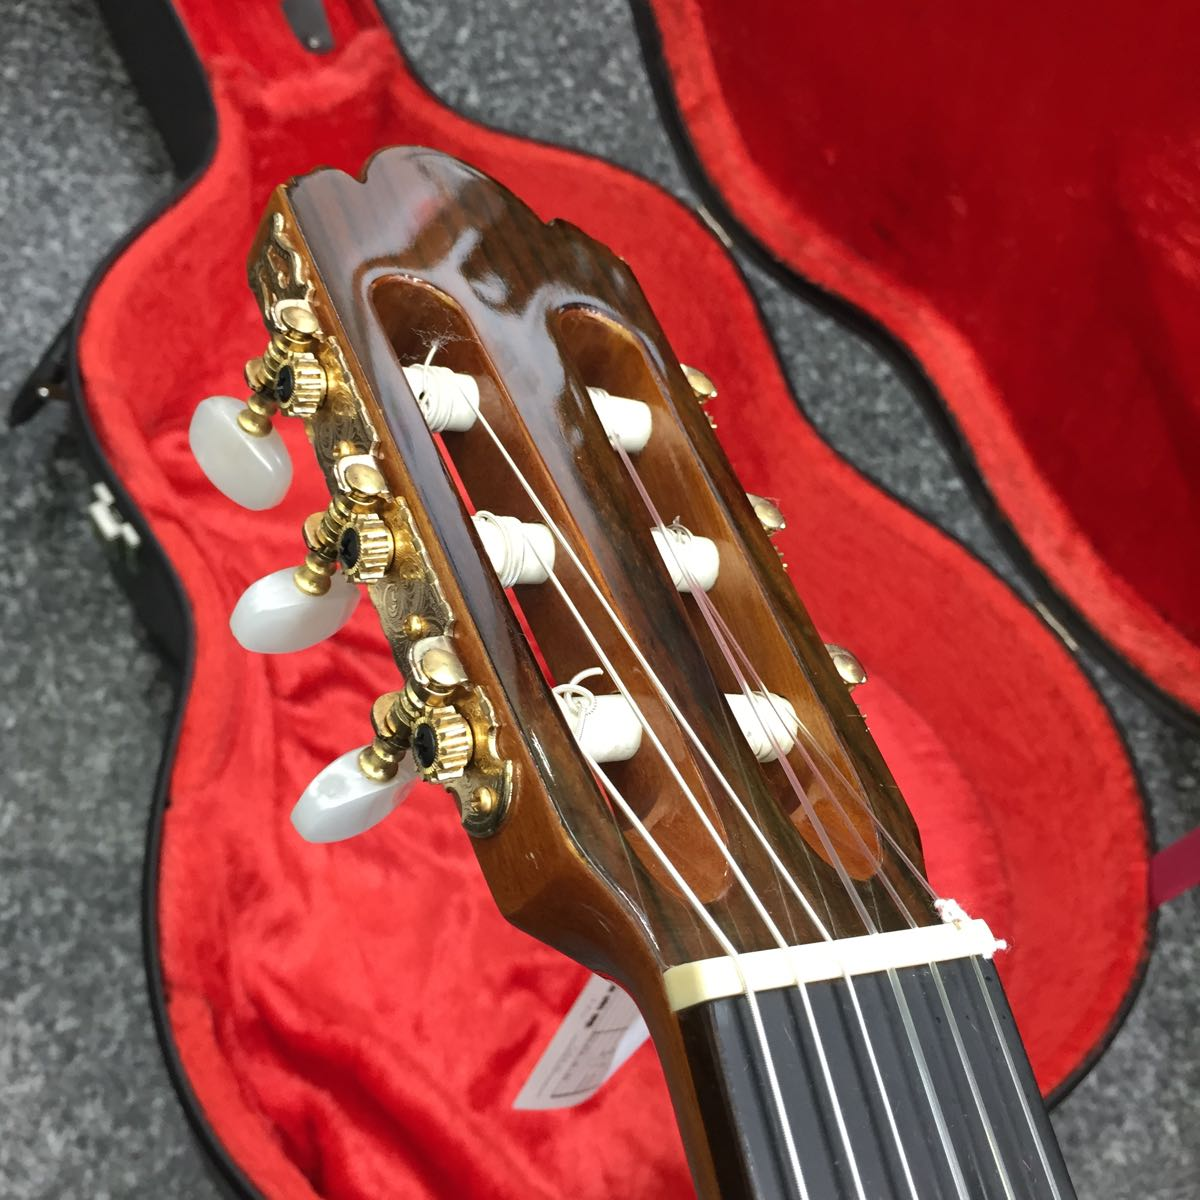 中古 Abe guitar 330 TOP単板 美品 日本製 630mmスケール 調整済 ハードケース付 _画像4